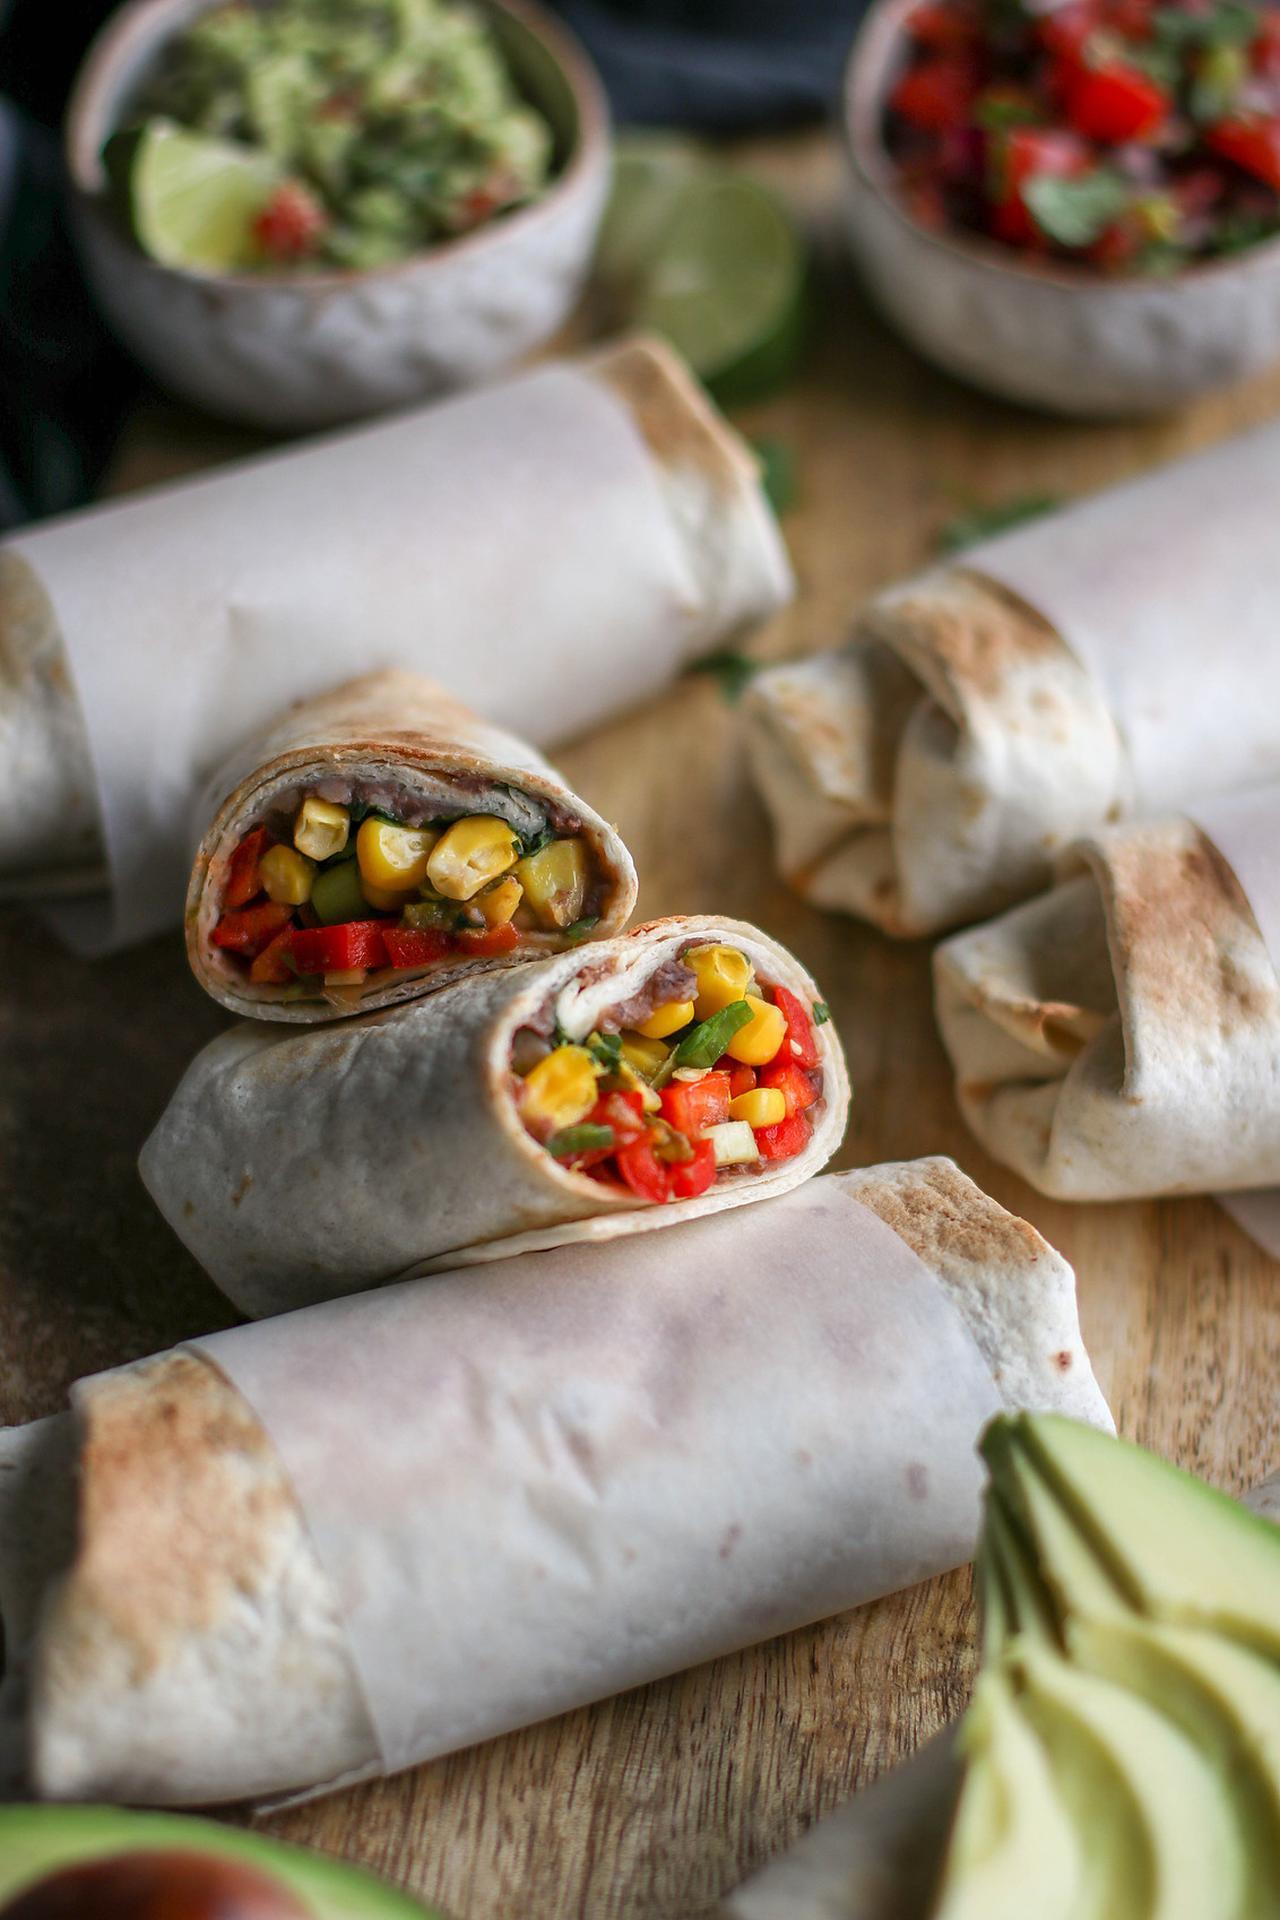 Main image of Make-Ahead Freezer Burritos